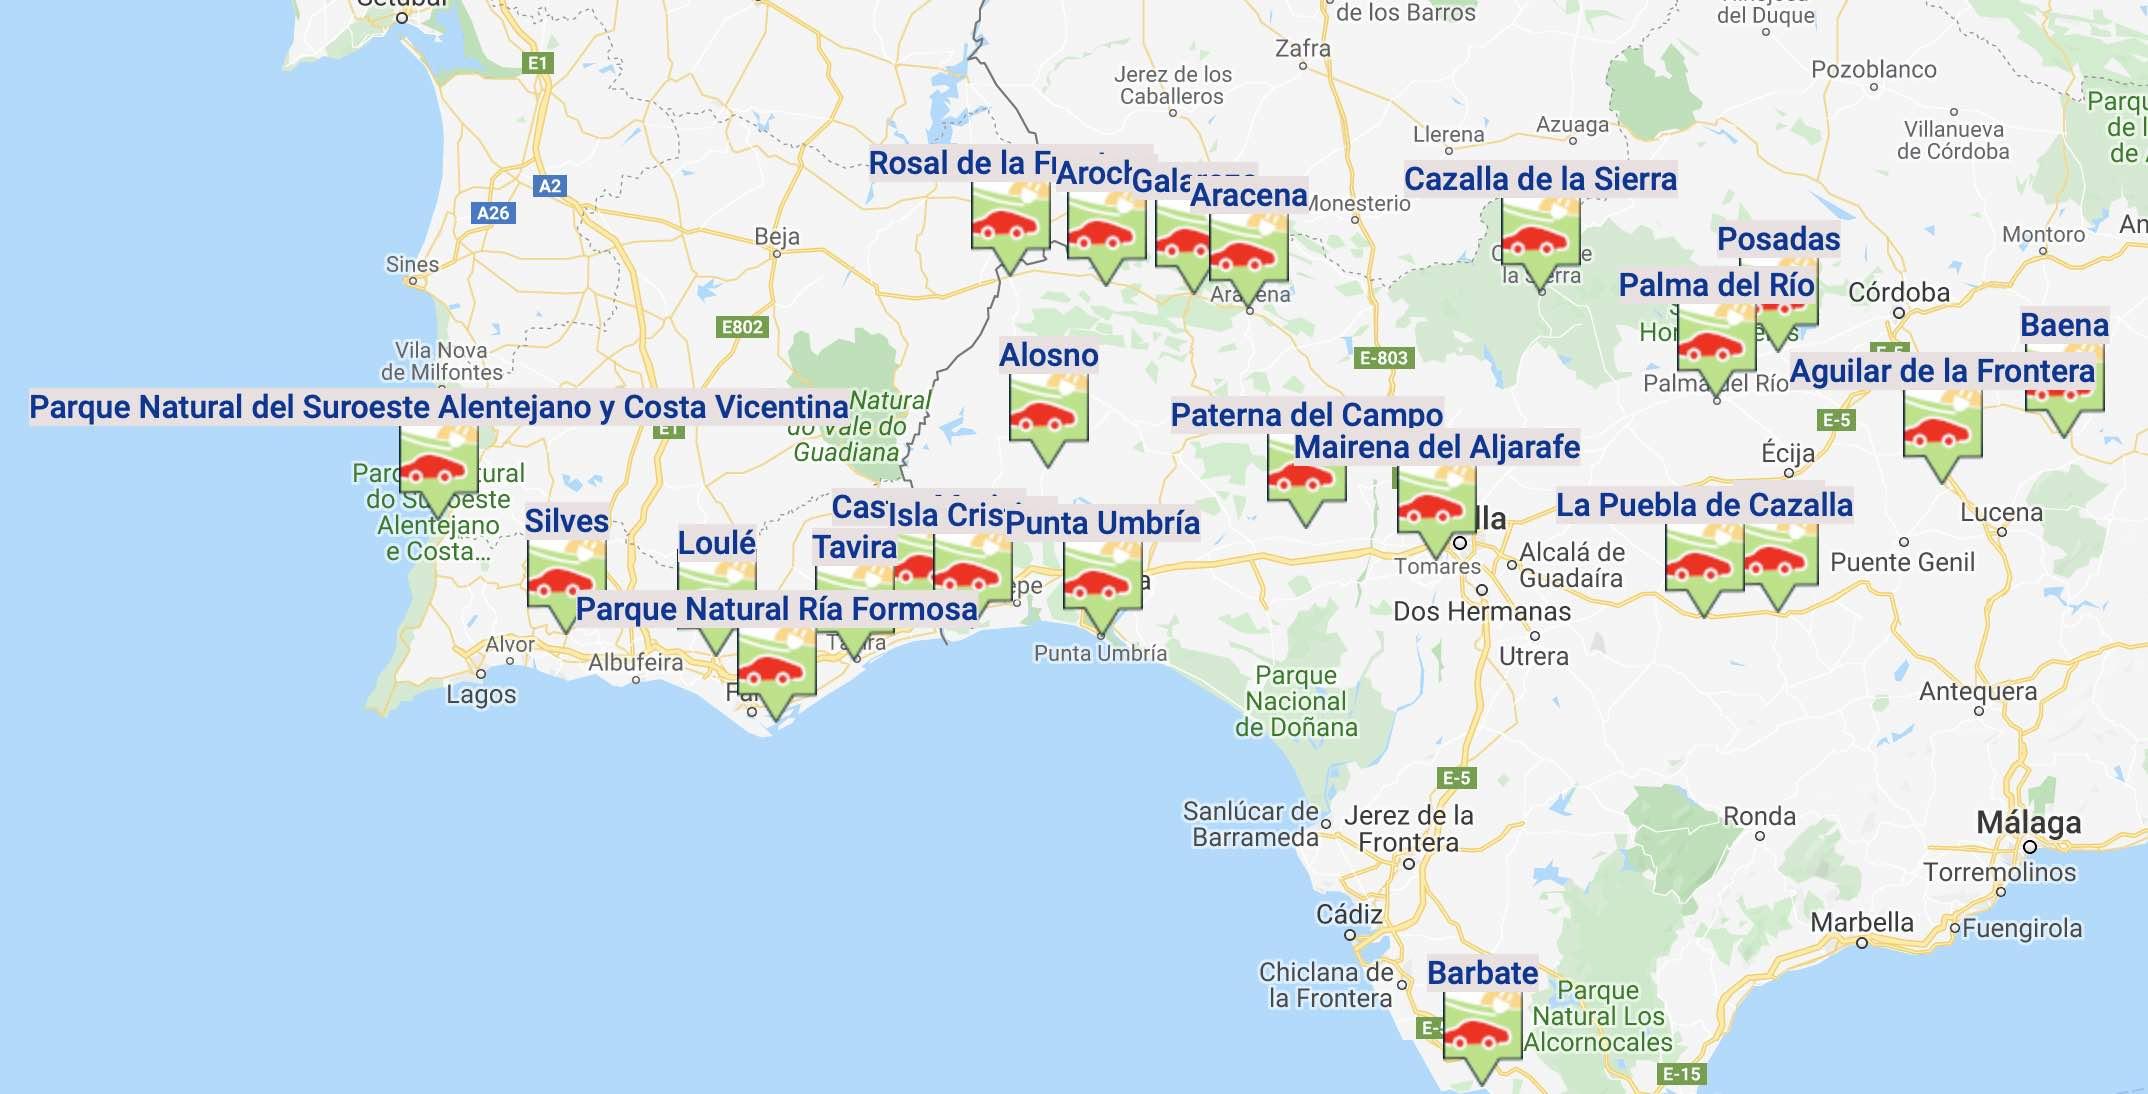 Itinerarios verdes y rutas turísticas para coches eléctricos entre el Algarve y Andalucía